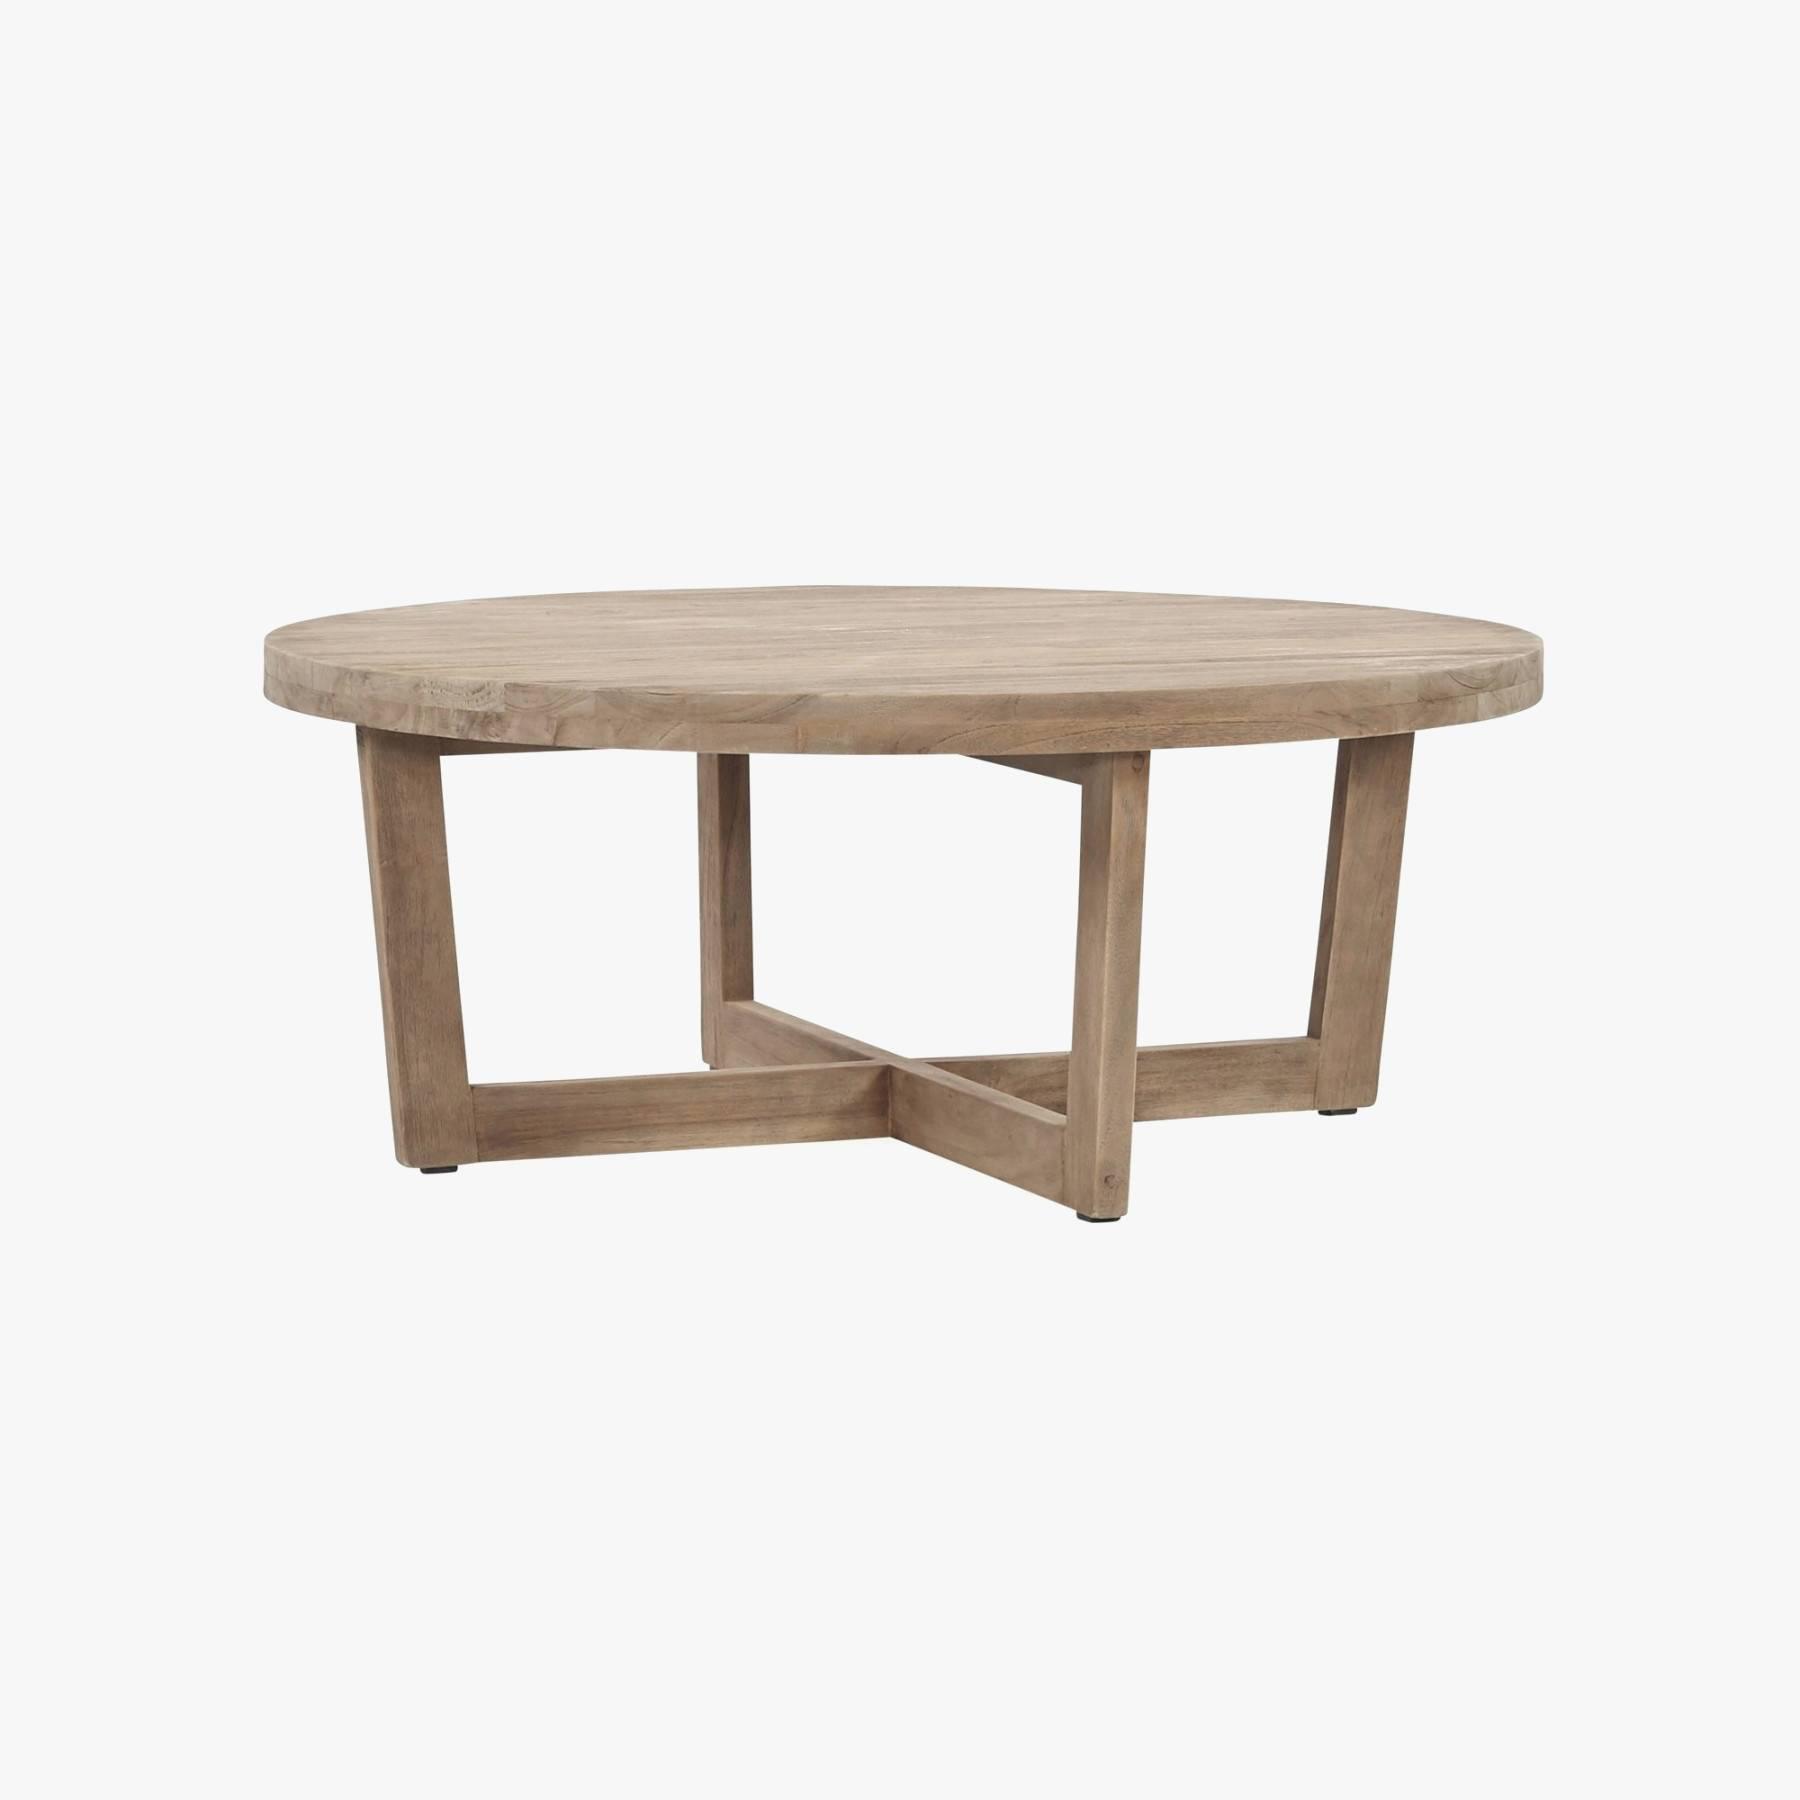 acrylic coffee table clear lovely diy acrylic coffee table of acrylic coffee table clear